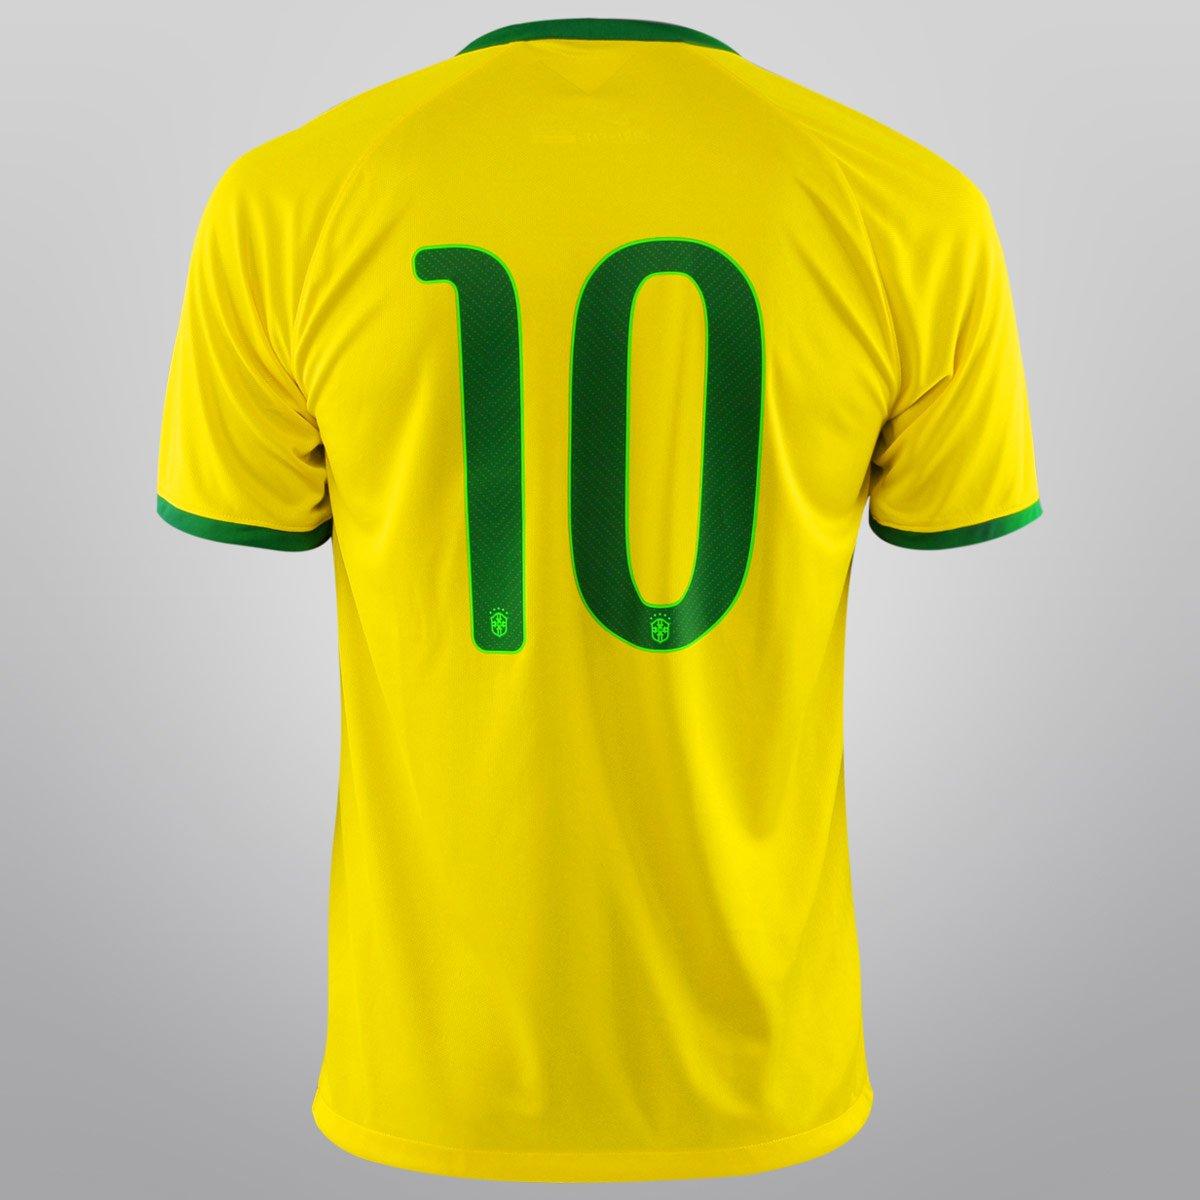 8fbcddf3cf1a1 Camisa Seleção Brasil I 14 15 nº 10 - Torcedor Nike Masculina - Compre  Agora